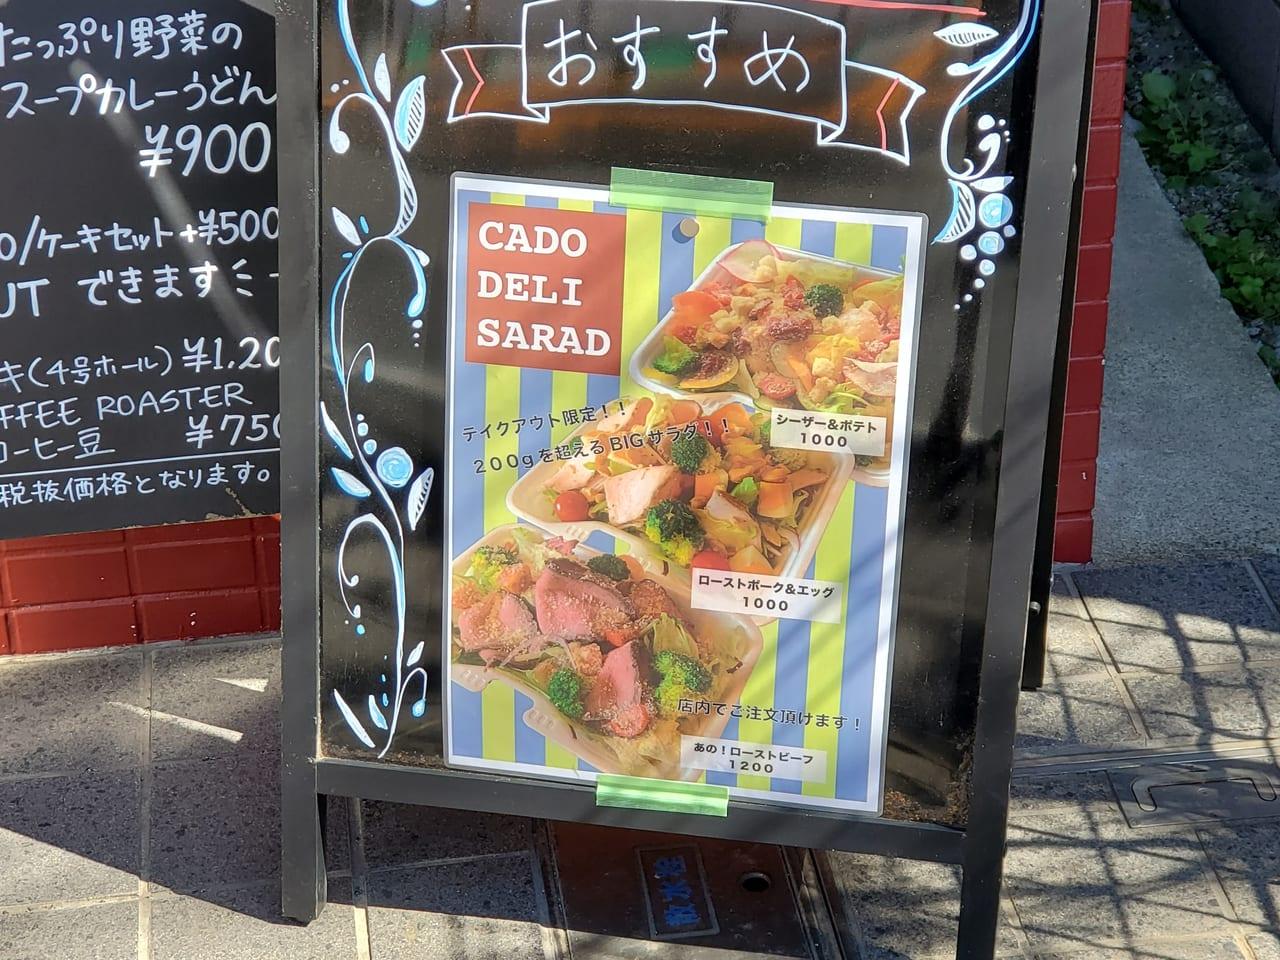 カドデリサラダのポスター